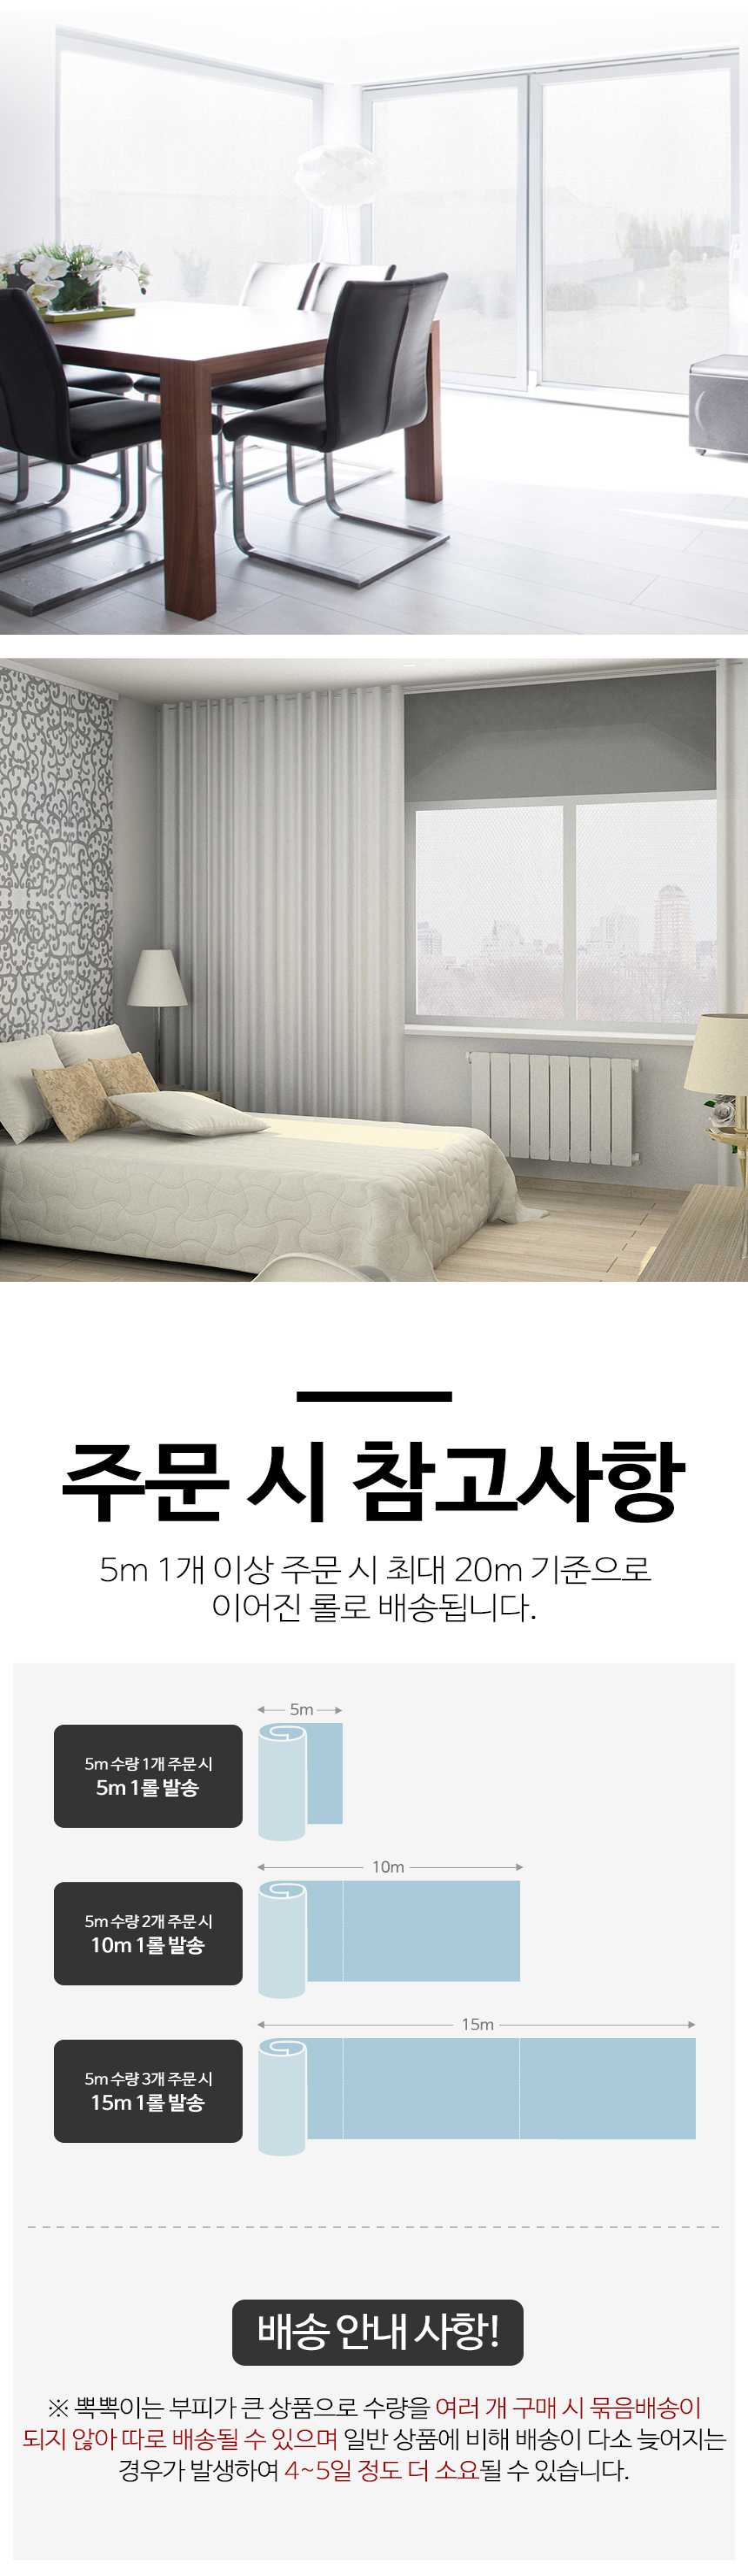 효성 단열뽁뽁이 길이20m(무지) - 더홈, 12,900원, 겨울용품, 에어캡/문풍지